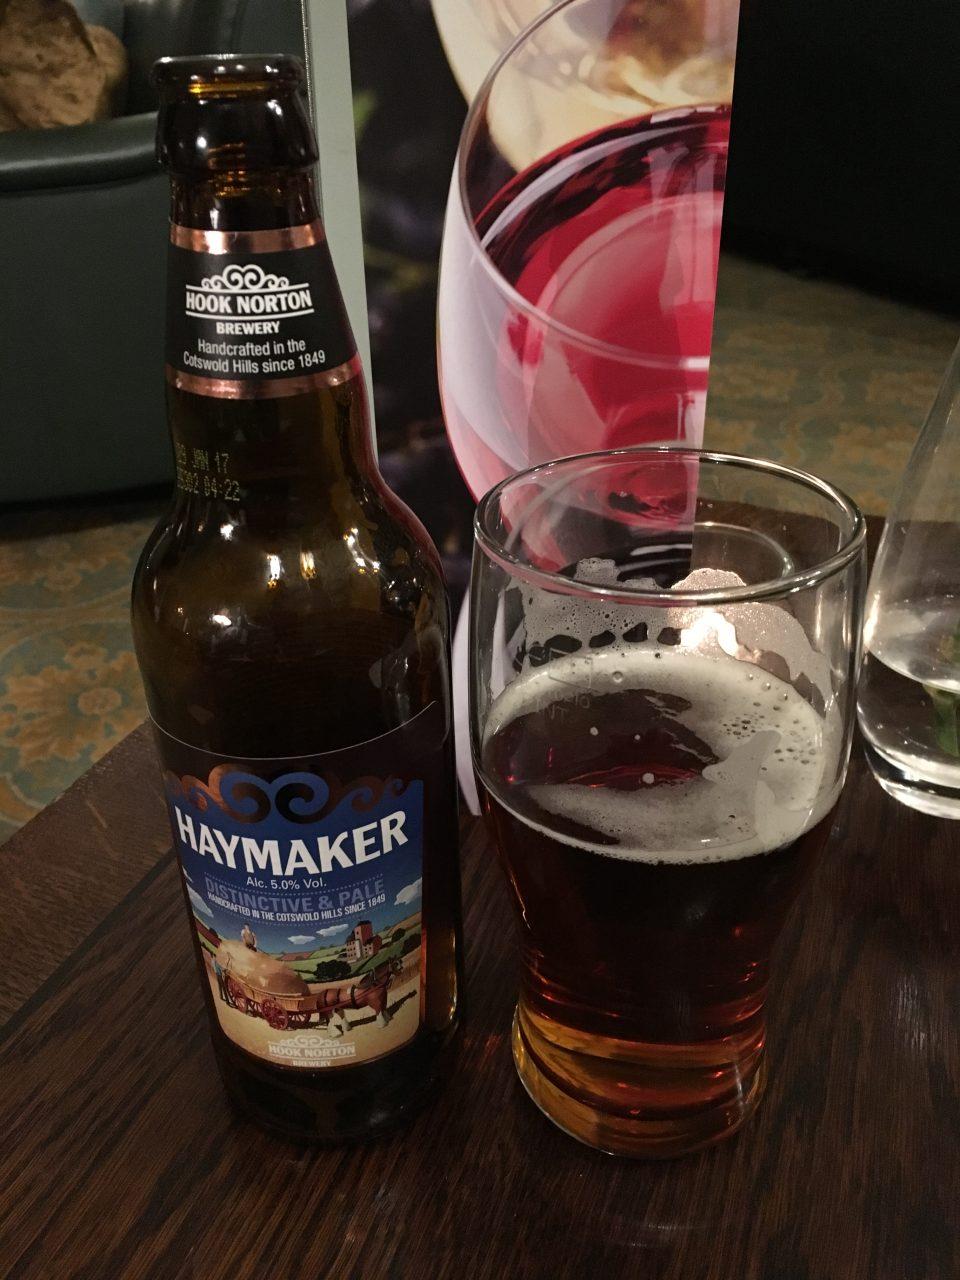 Haymaker beer